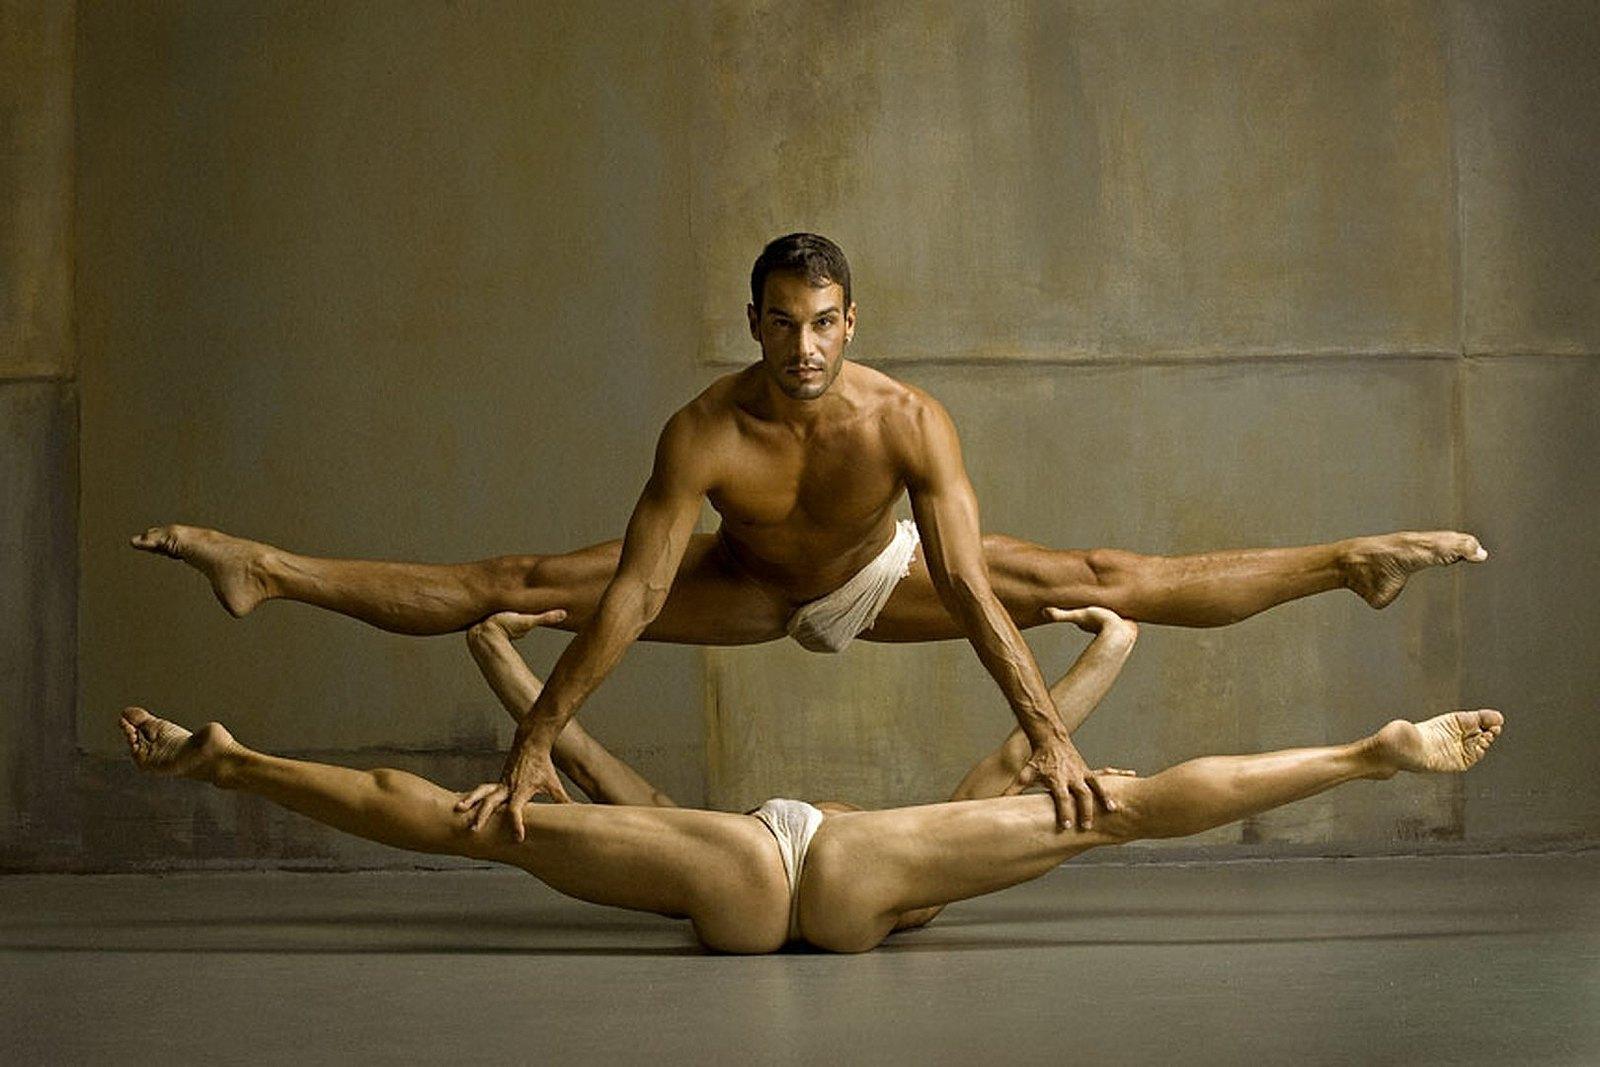 Голые мужчины гимнасты фото